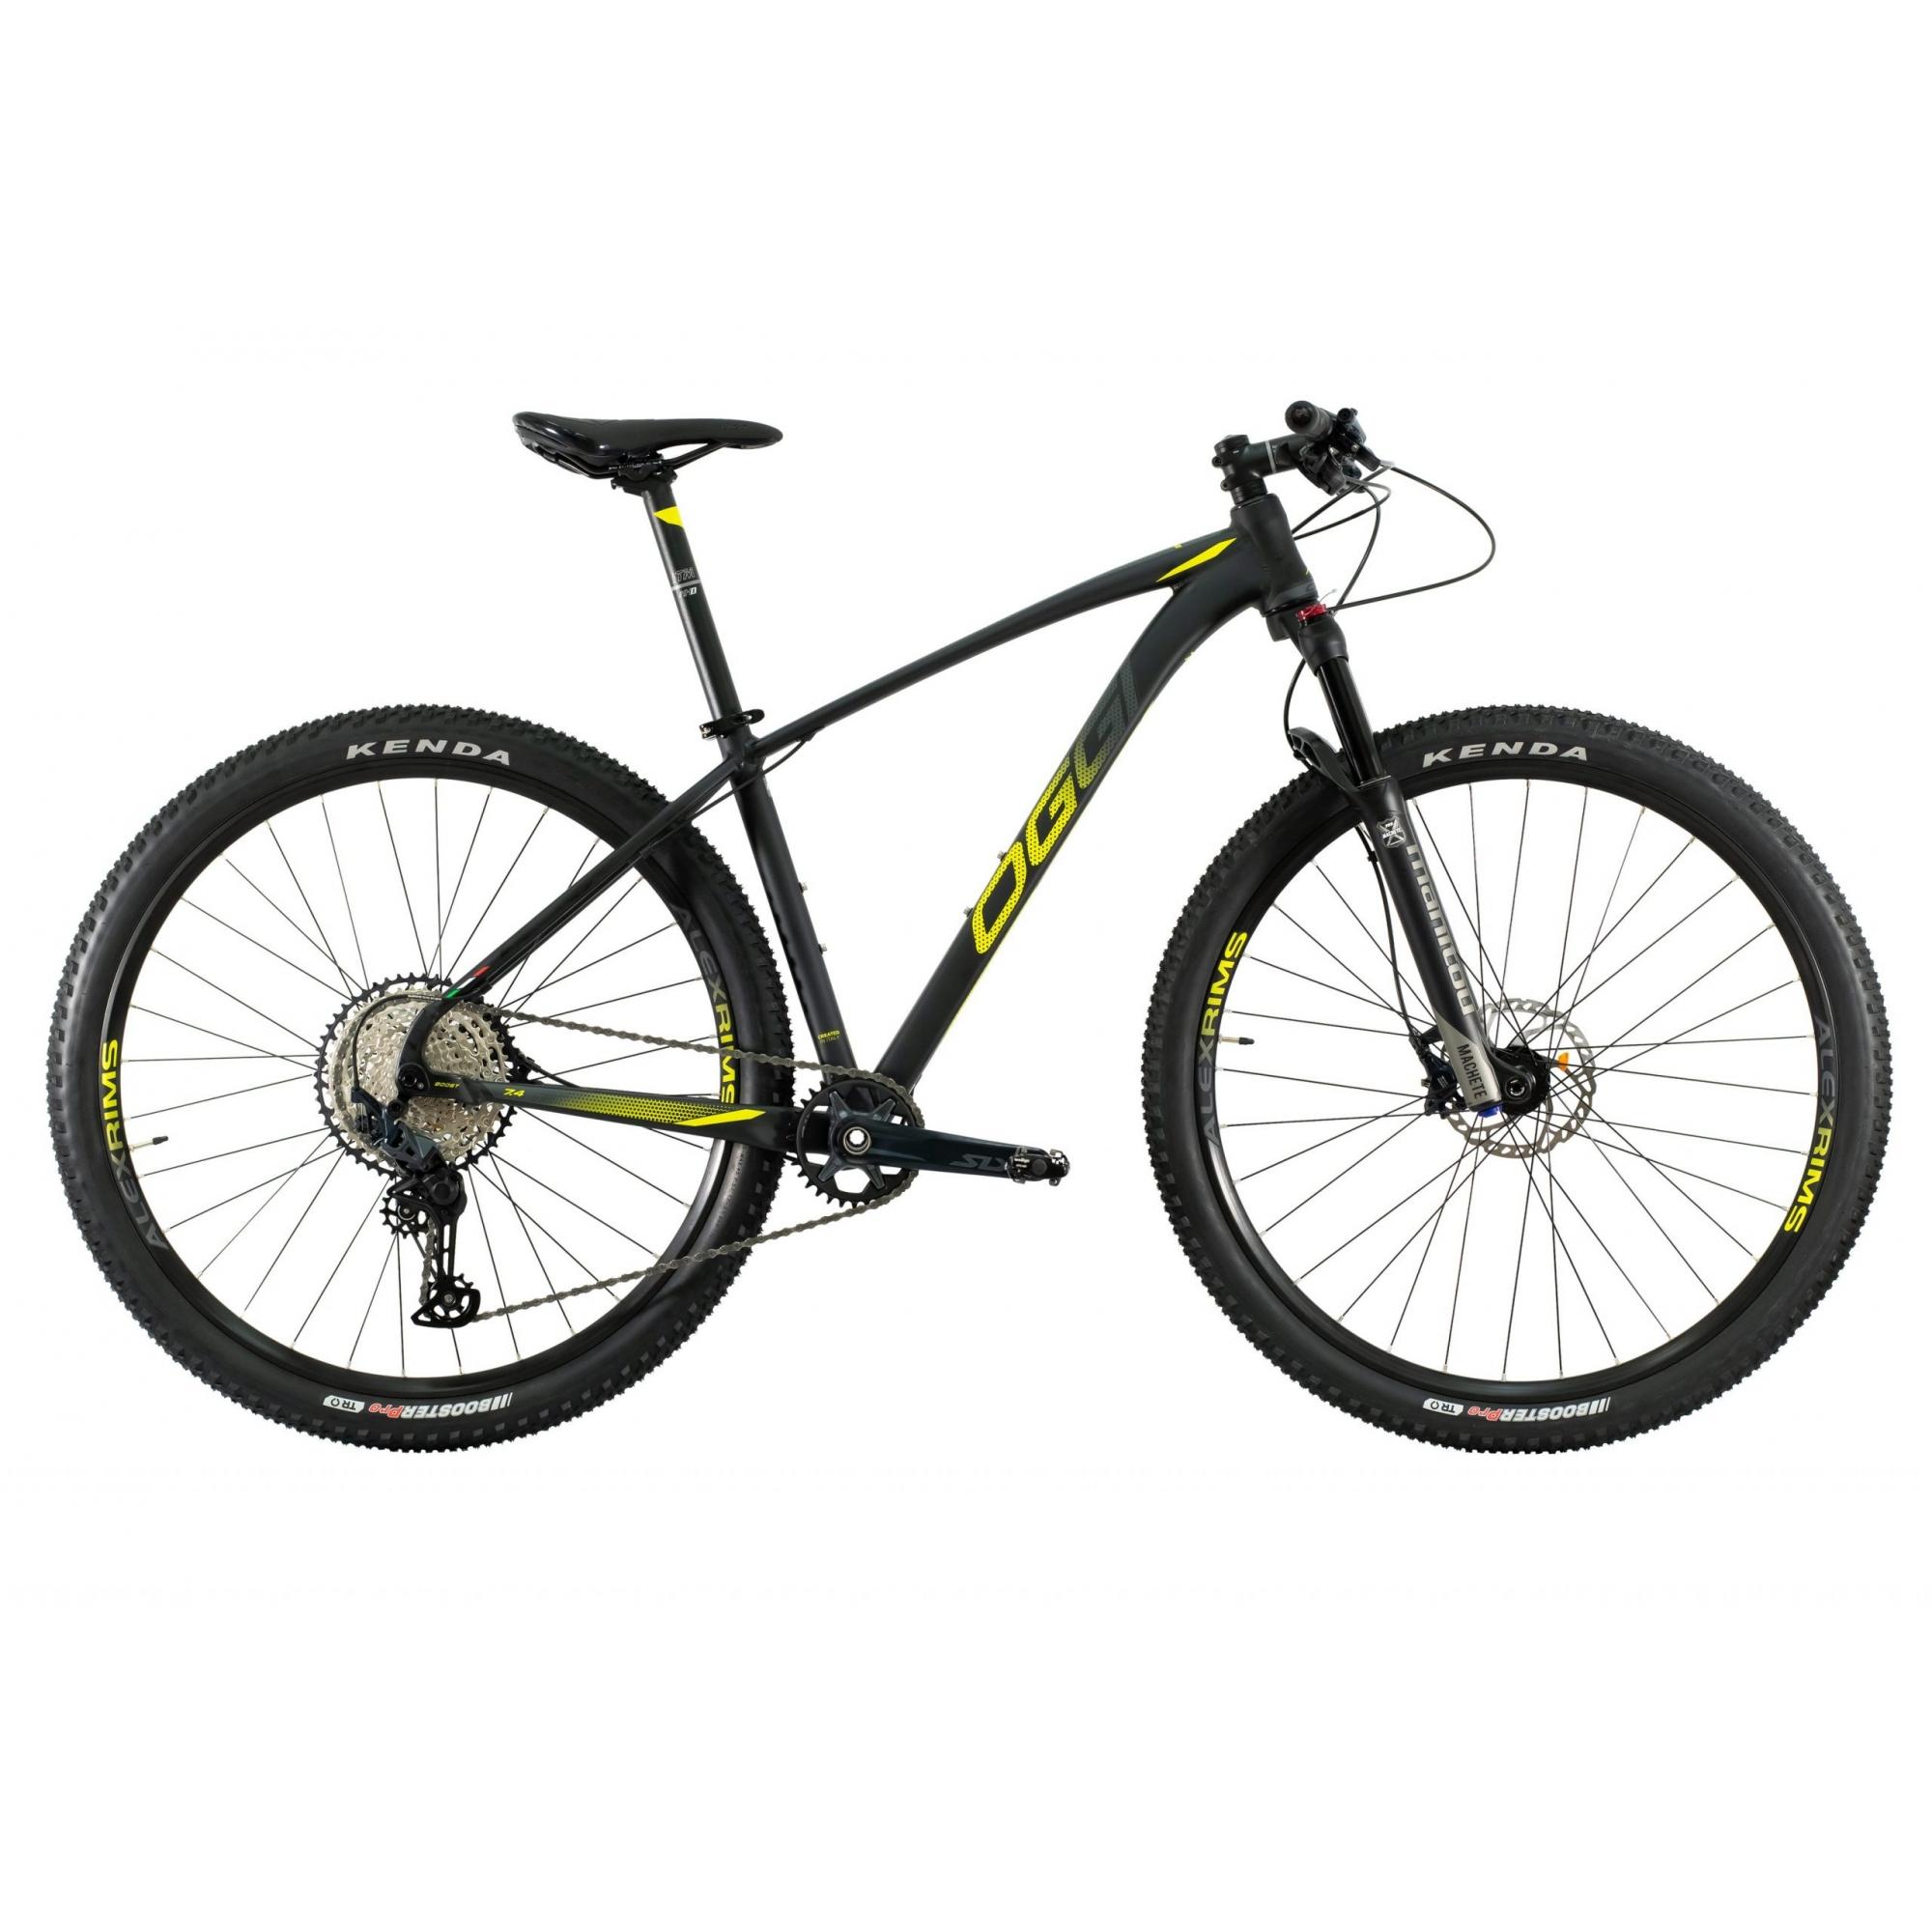 Bicicleta OGGI Big Wheel 7.4 2021 - 12v Shimano SLX - K7 10/51 dentes - Suspensão Manitou Machete a AR - Preto/Grafite/Amarelo